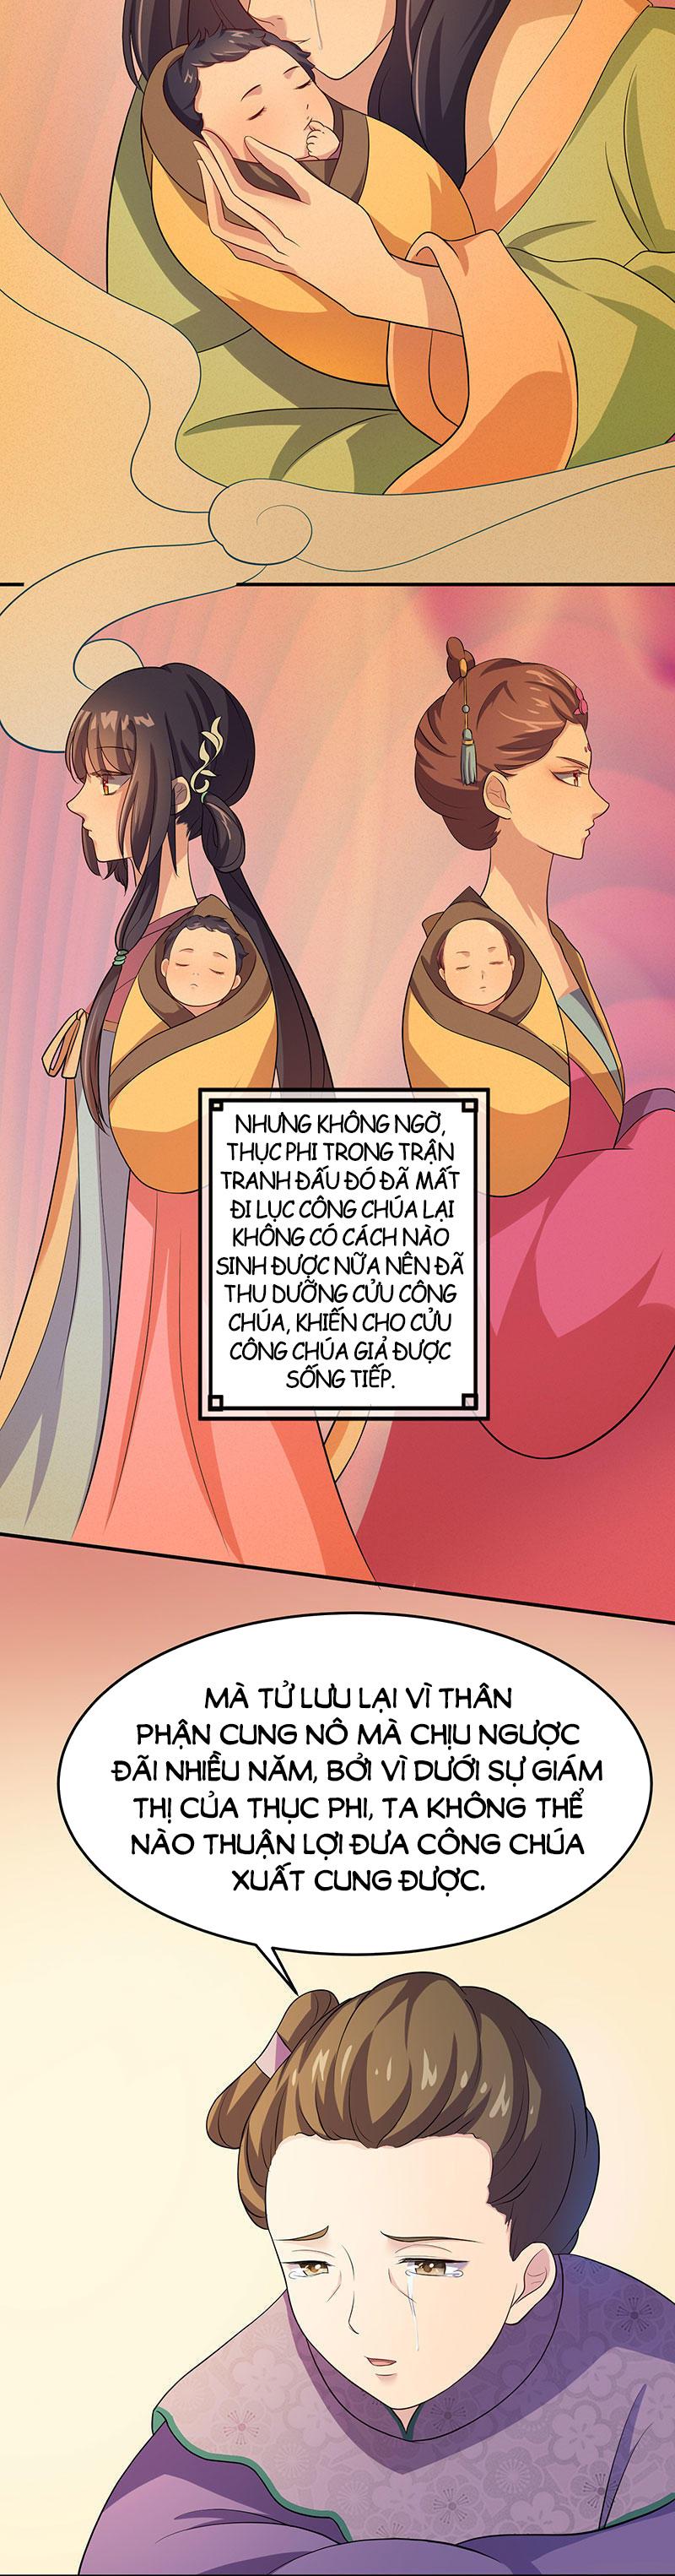 Khuynh thế đế vương cơ chap 3 - Trang 3